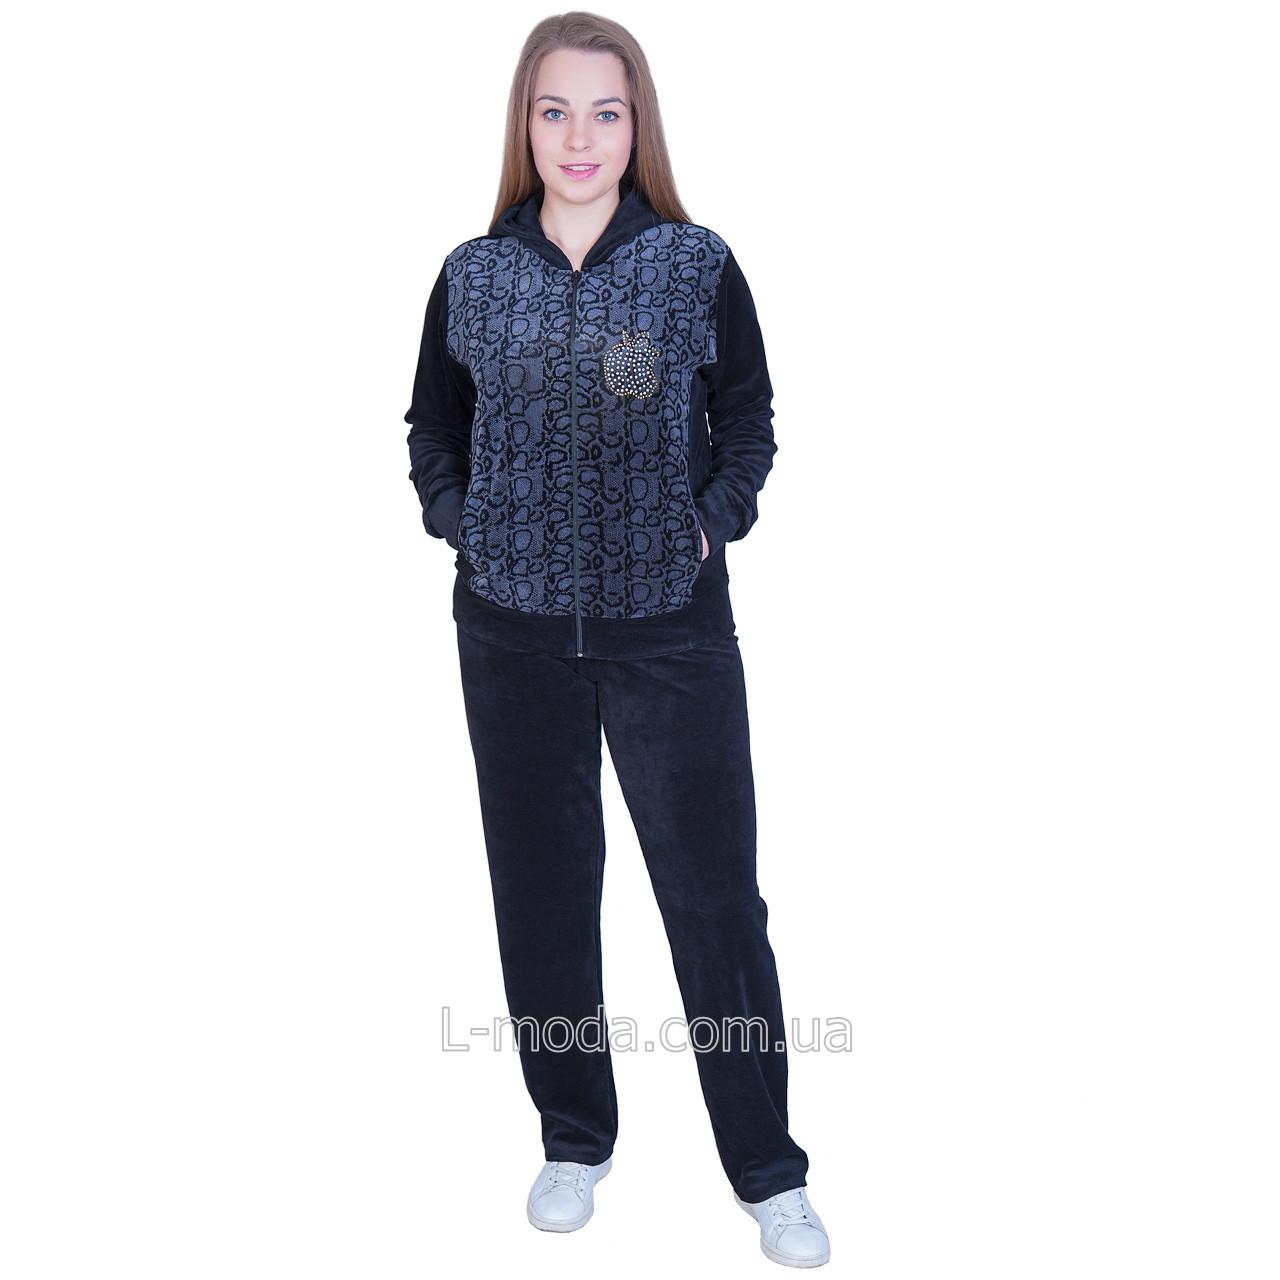 Спортивный костюм женский велюровый - L MODA магазин женской одежды 38d49ee1a6559